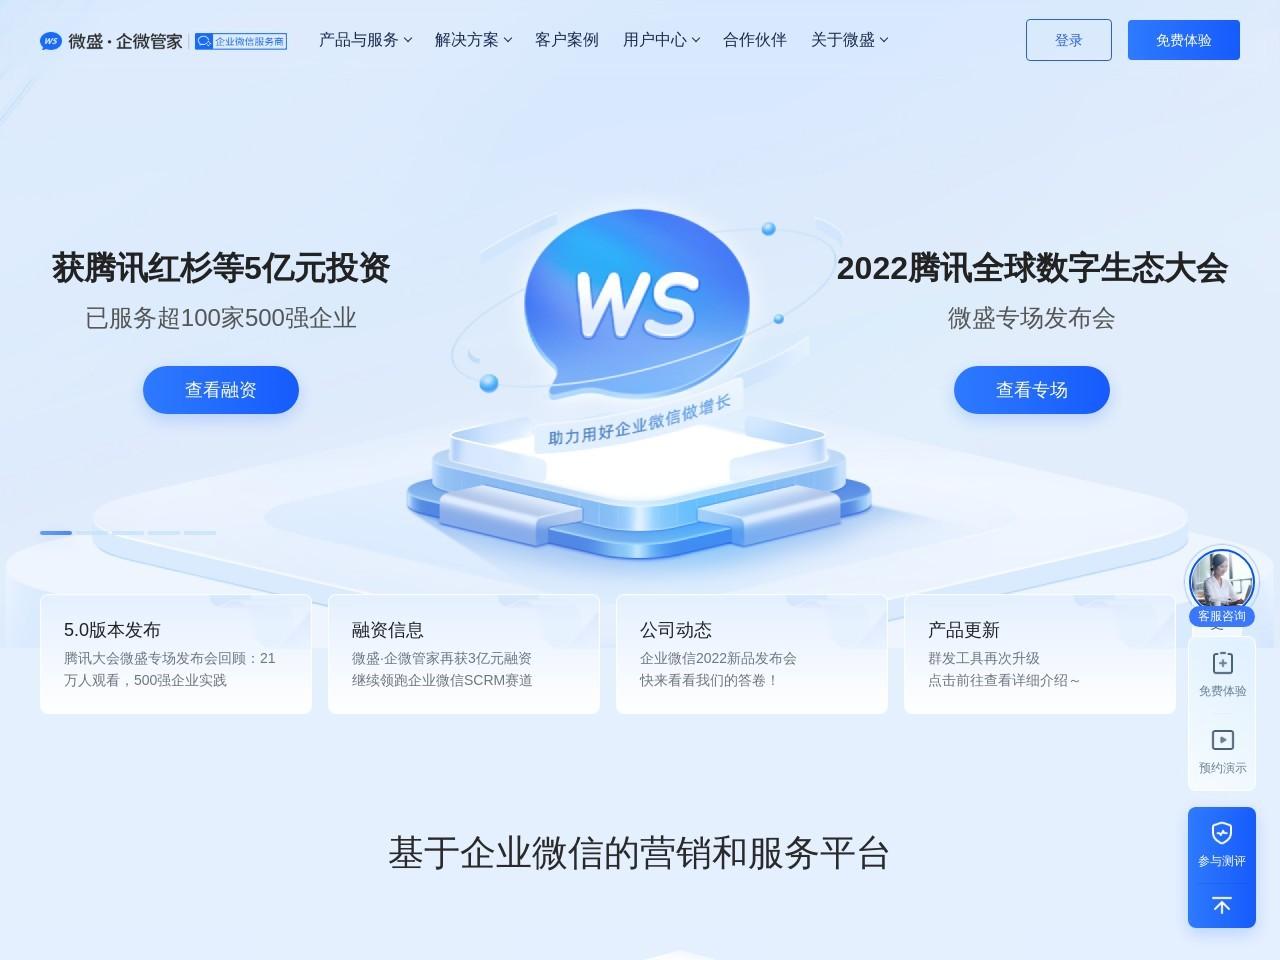 微盛·企微管家 企业微信服务商 腾讯战略投资